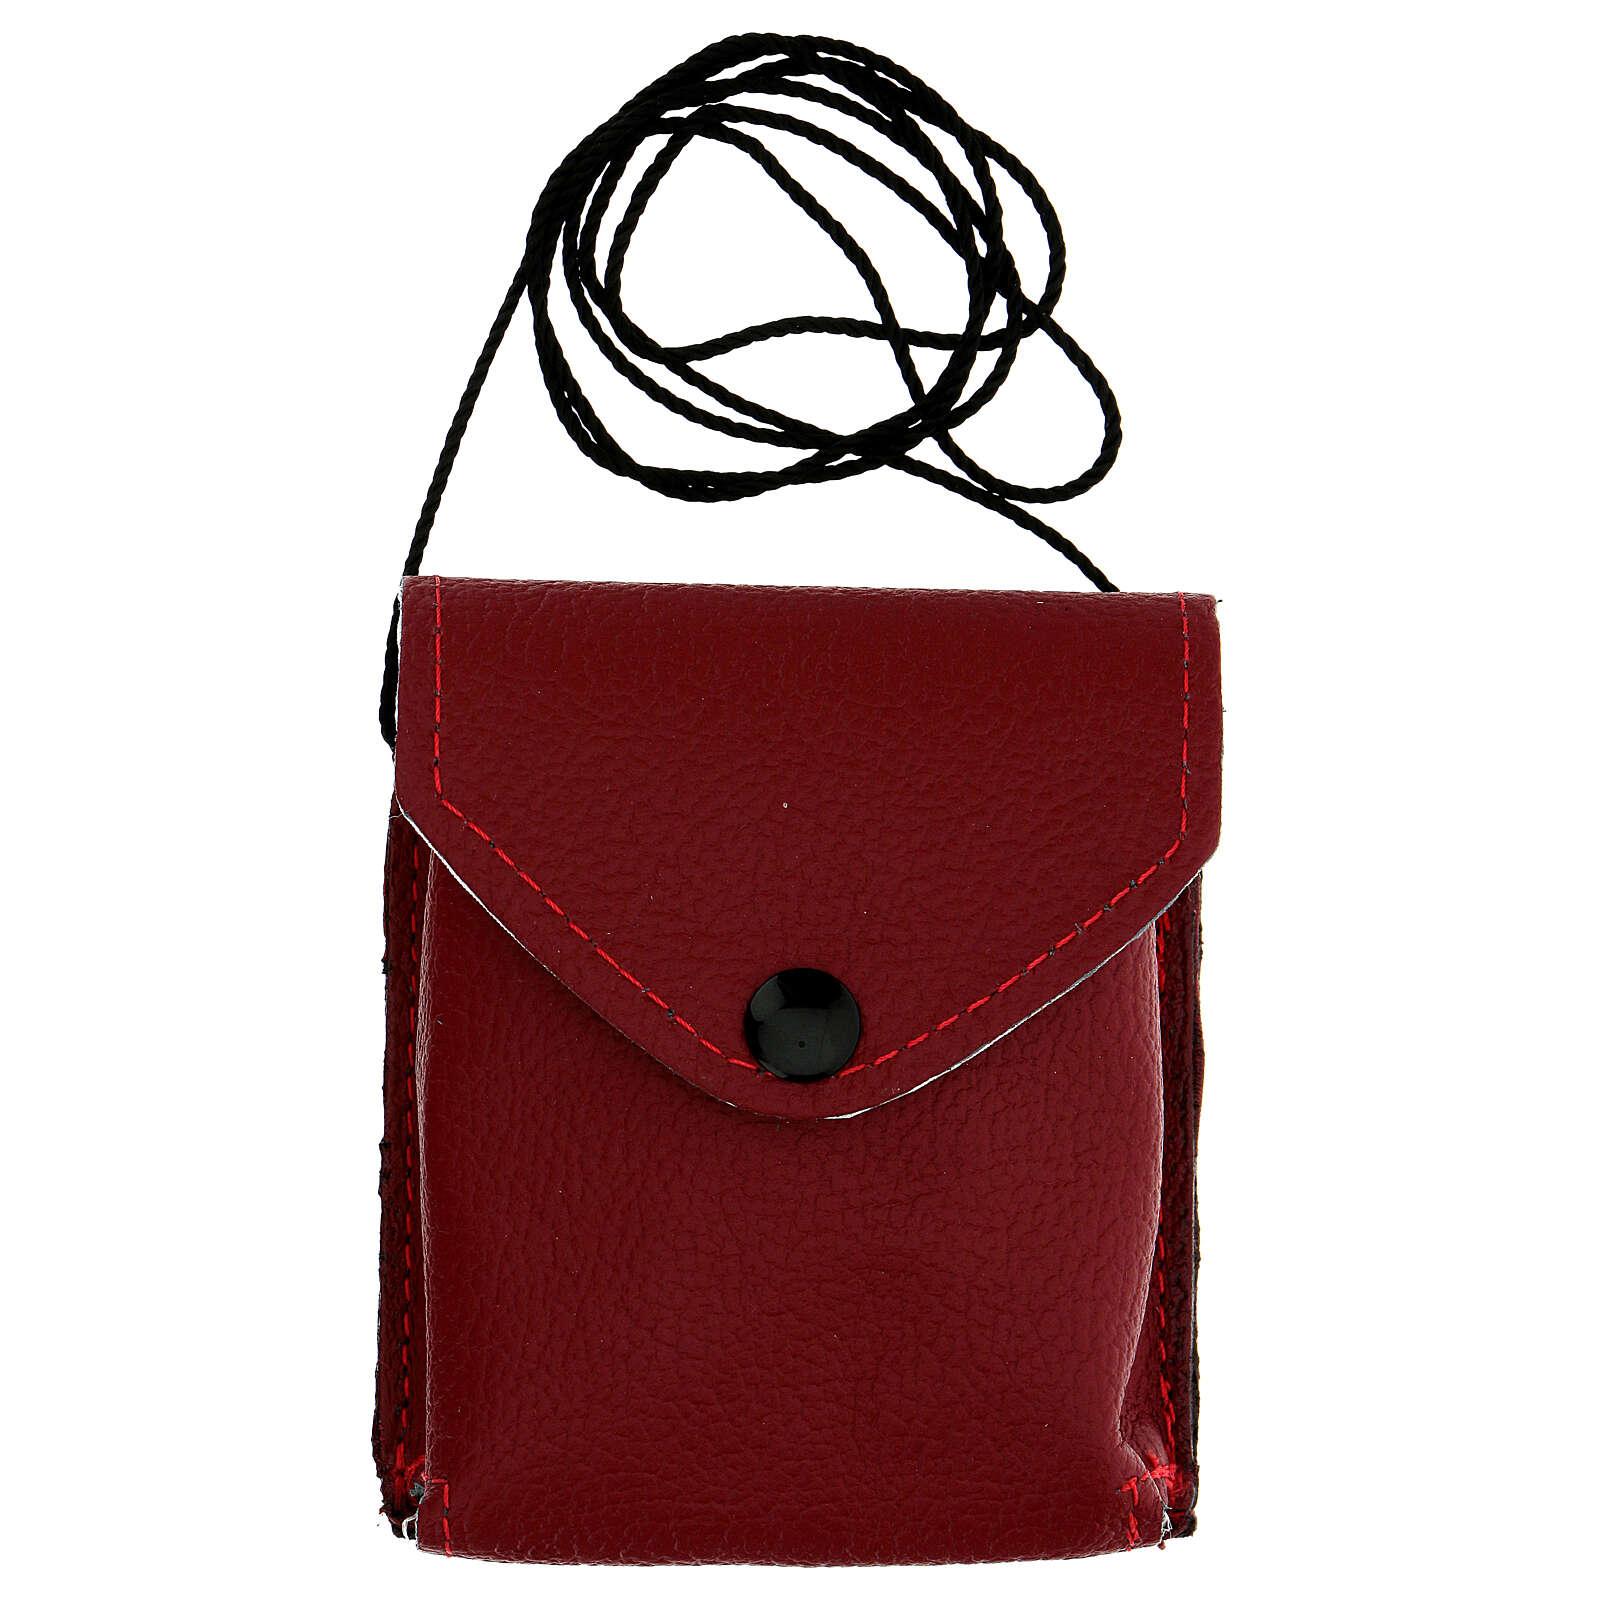 Astuccio porta viatico rosso vera pelle con cordino e teca d. 7,5 cm 3